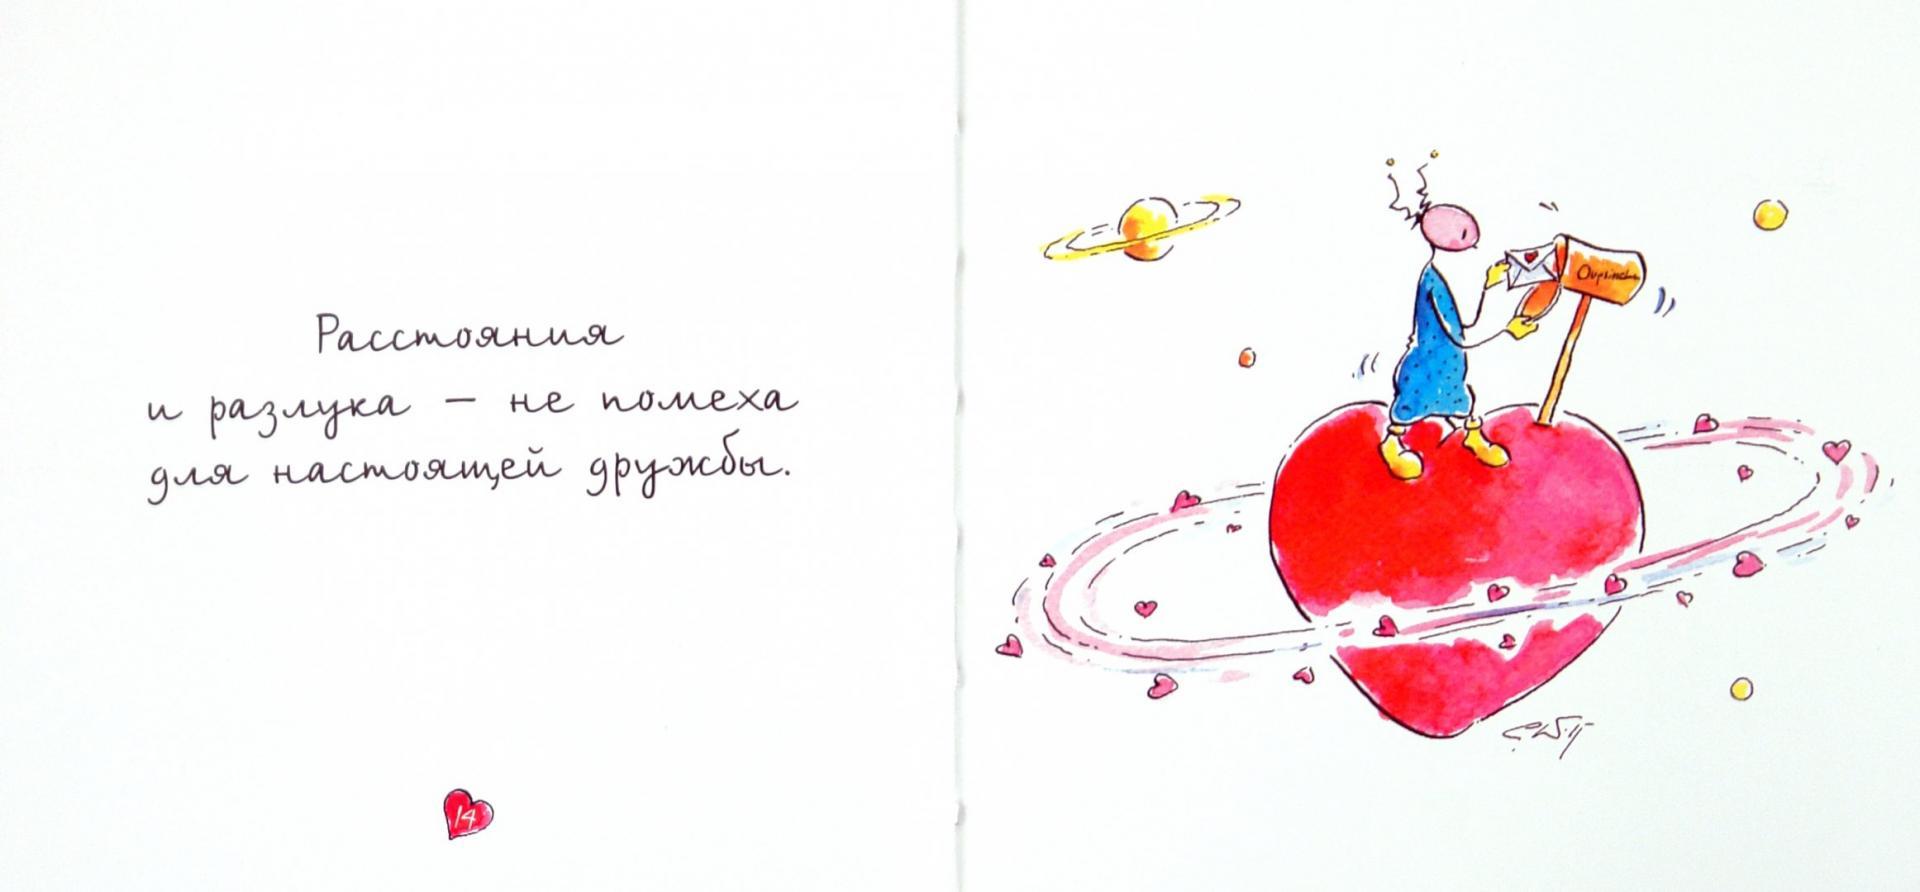 Иллюстрация 1 из 8 для УПС. Моему другу - Курт Хёртенхубер | Лабиринт - книги. Источник: Лабиринт